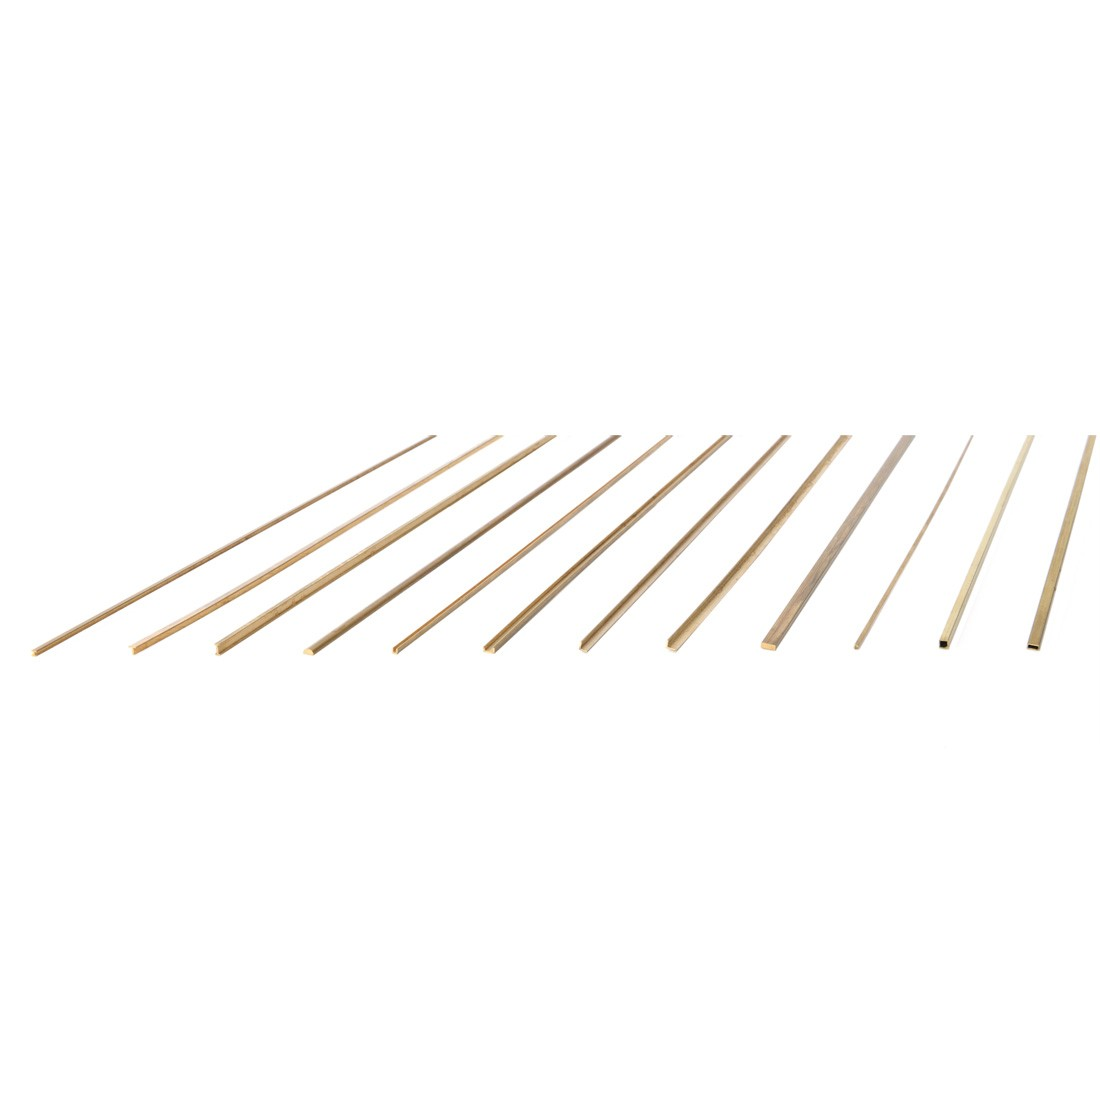 Ángulos de latón 1,5x1,5x500